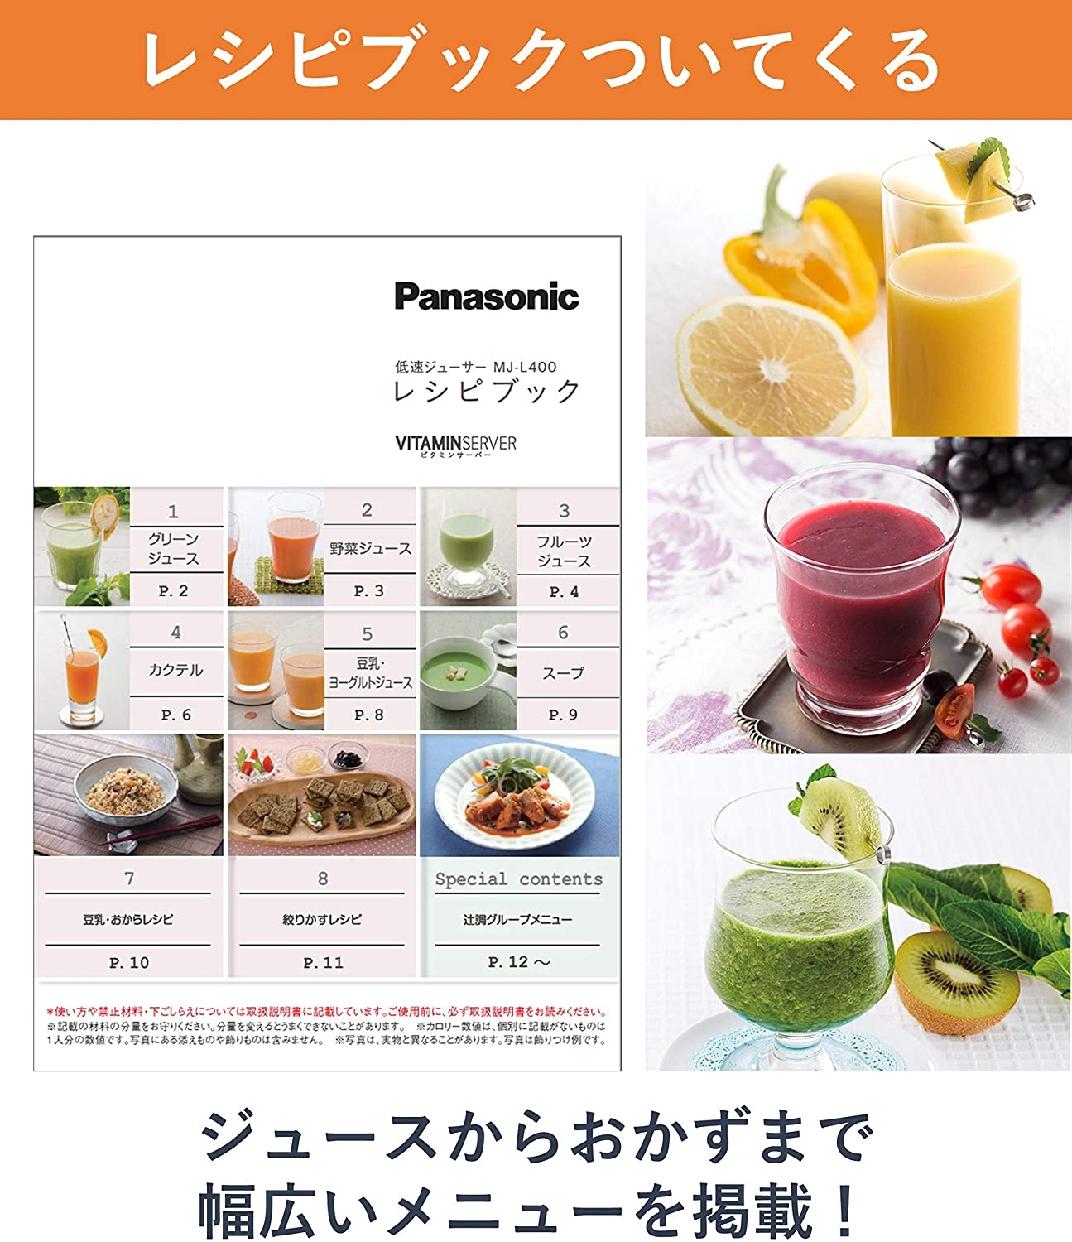 Panasonic(パナソニック) ビタミンサーバー 低速ジューサー MJ-L400の商品画像5